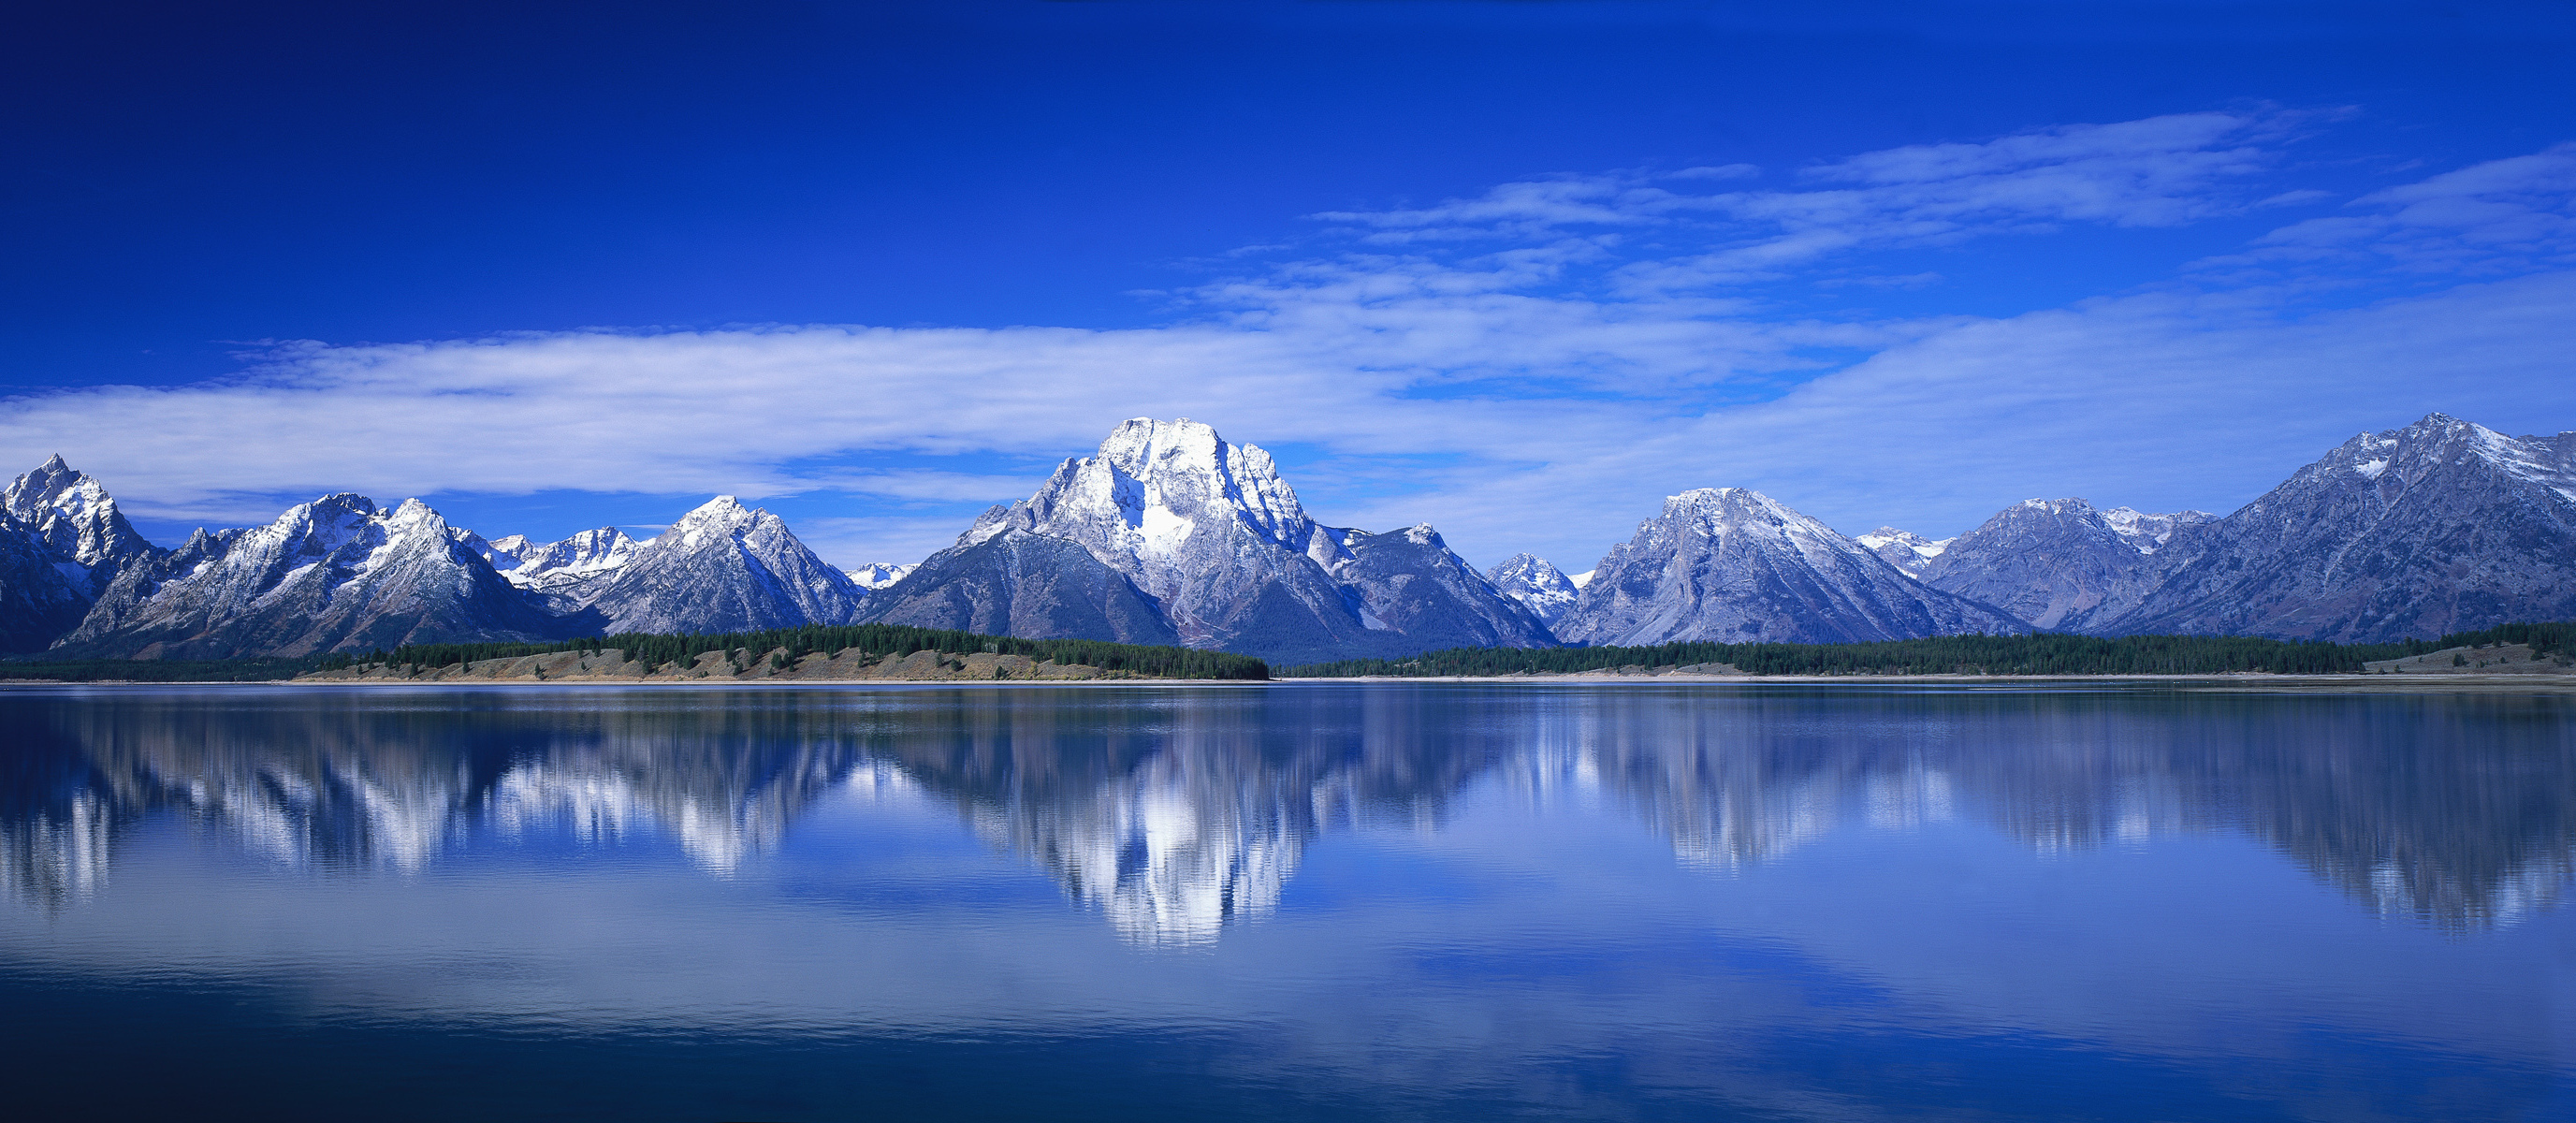 природа река горы небо облака отражение  № 2503175 бесплатно